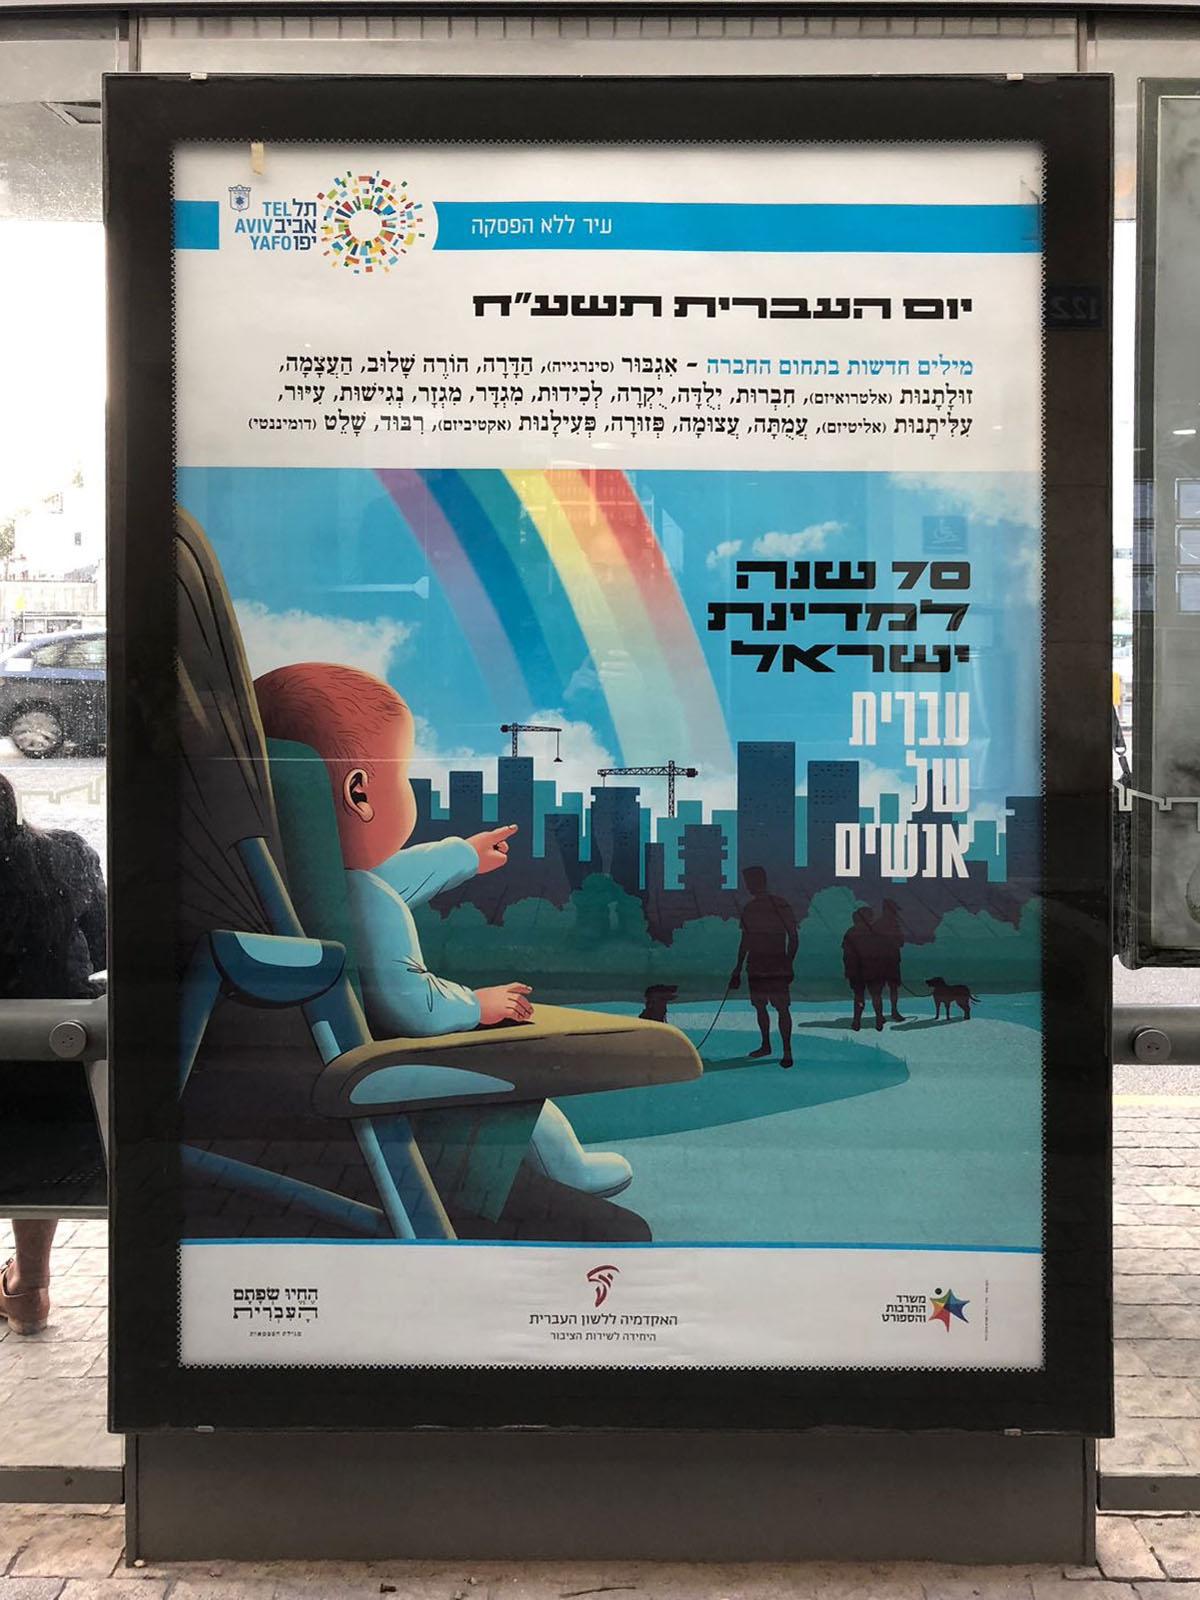 """צילום כרזה ליום העברית תשע""""ח איור של תינוק בכיסא ילדים מצביע על עיר וכלבים בפארק וכיתוב """"עברית של אנשים"""""""